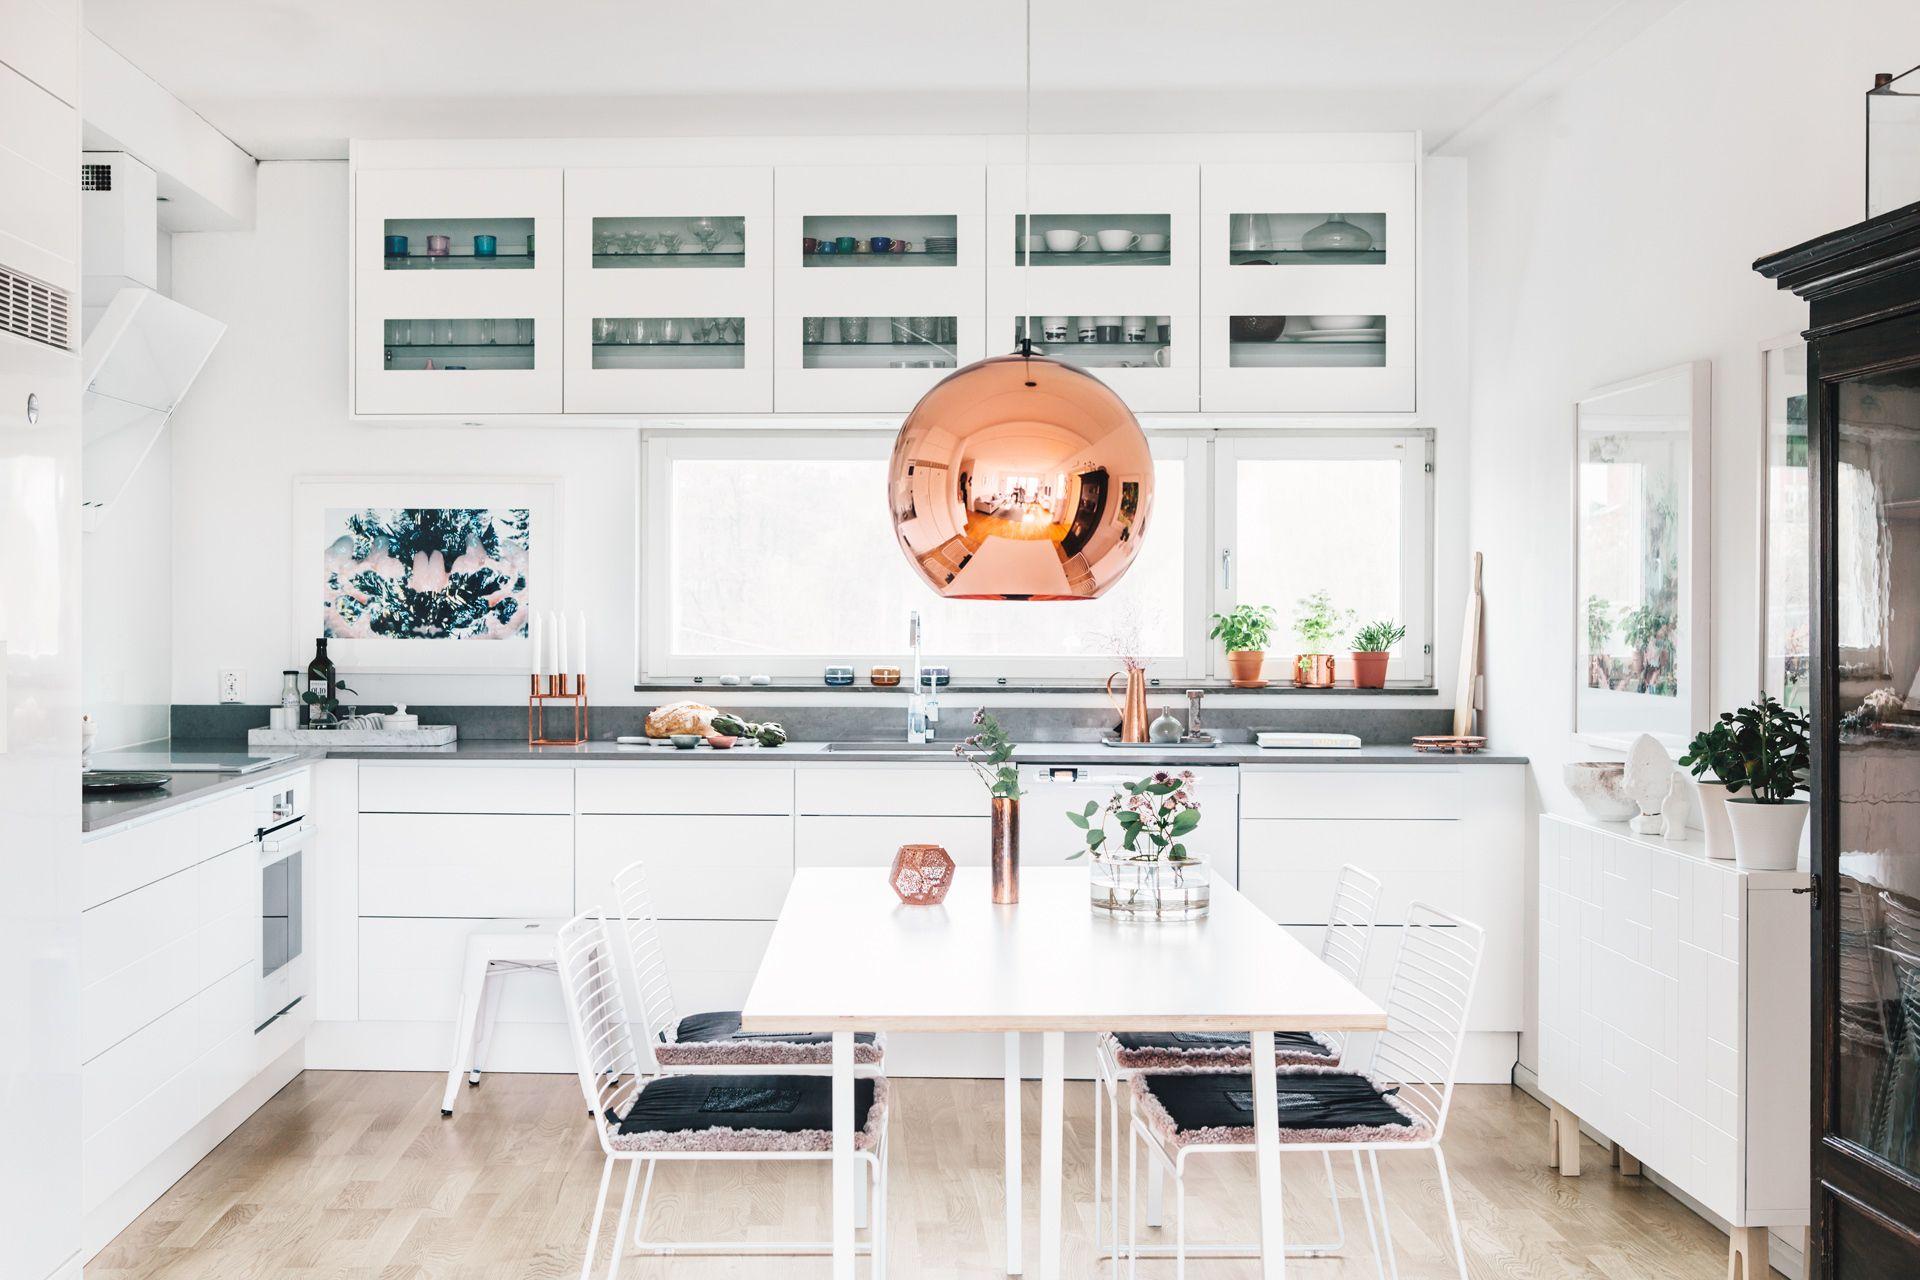 Cocina abierta al salón con vistas | Cocinas abiertas, Salón y Vistas